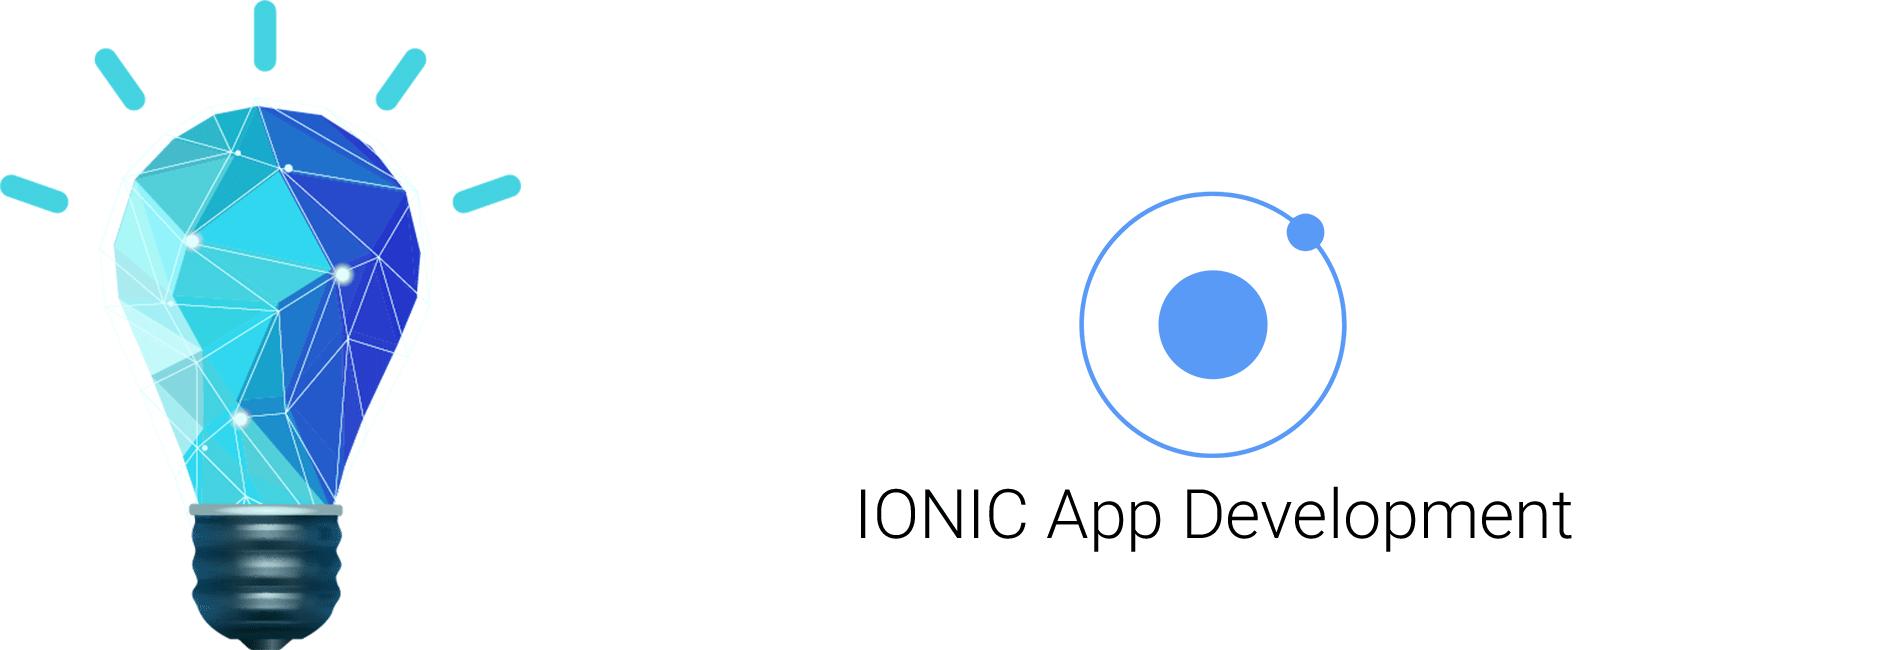 Ionic App Development